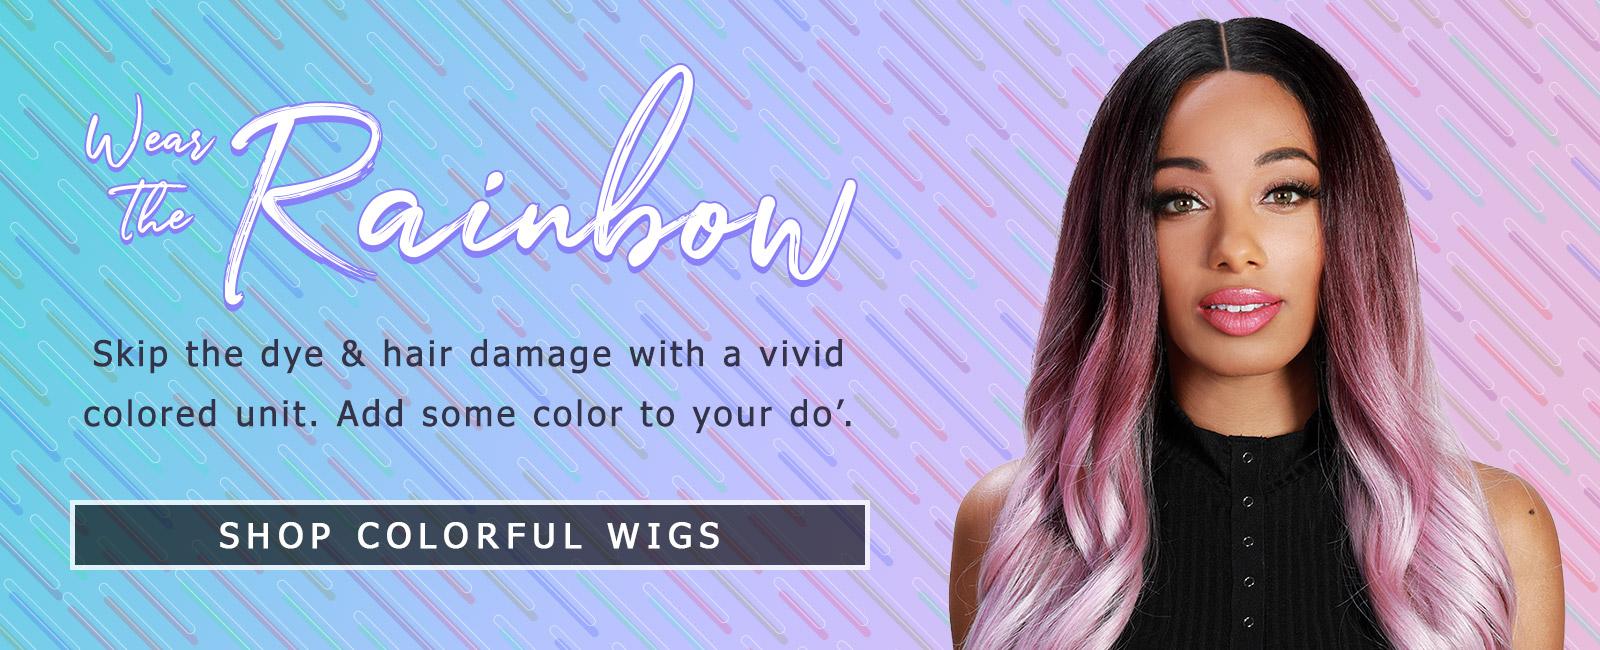 2021-07-vivid-wigs-non-promo-mobile